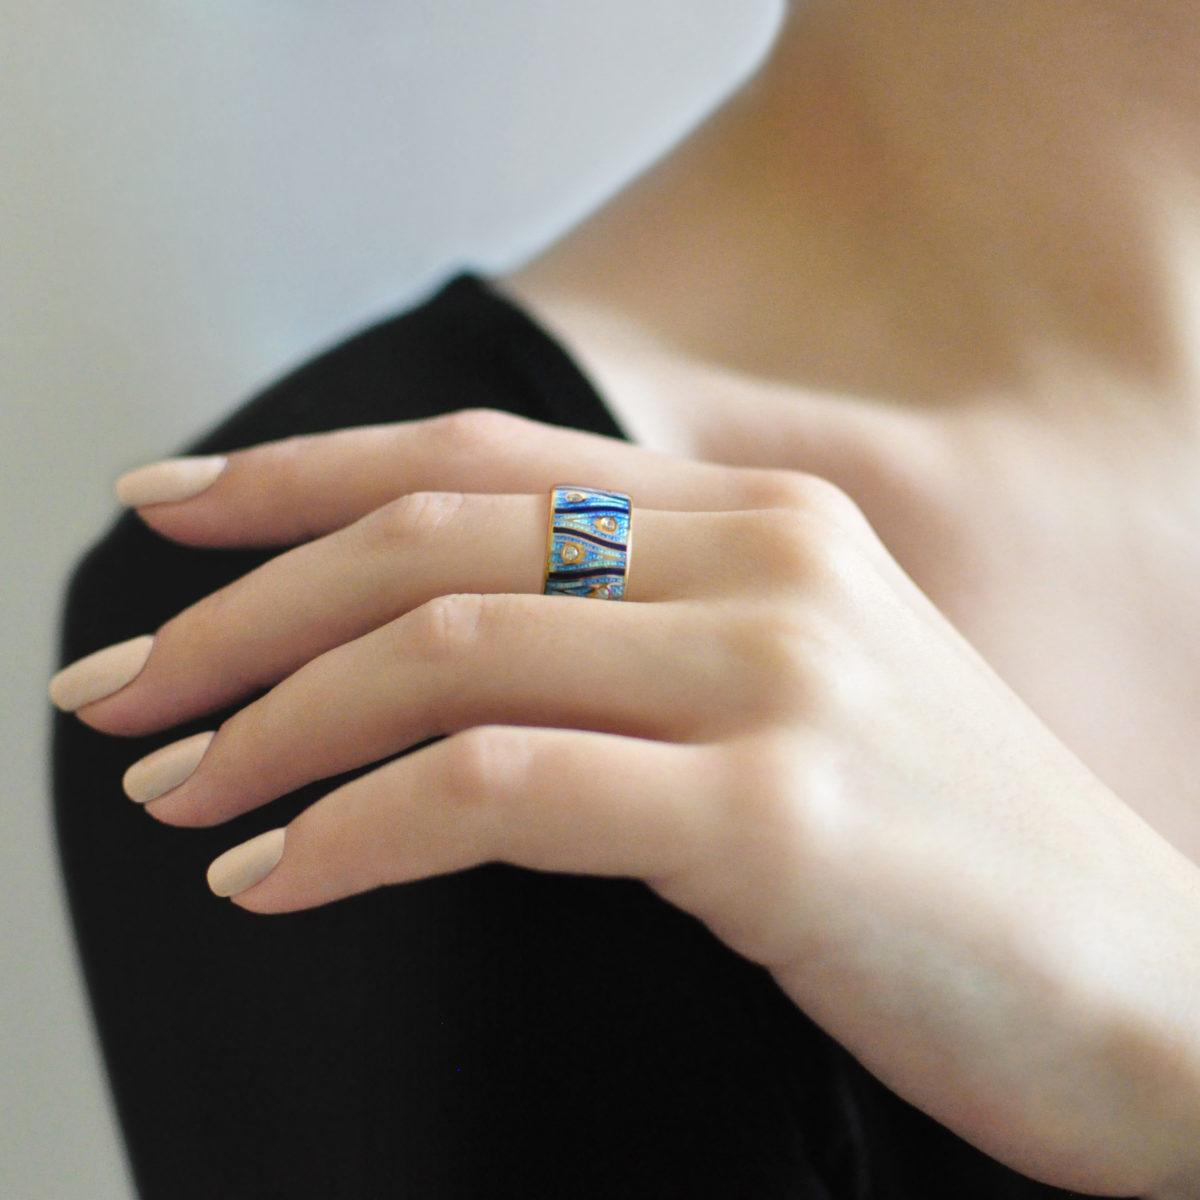 Zolochenie sinyaya 14 1200x1200 - Кольцо «Модерн. Перо павлина» (золочение), синее с фианитами